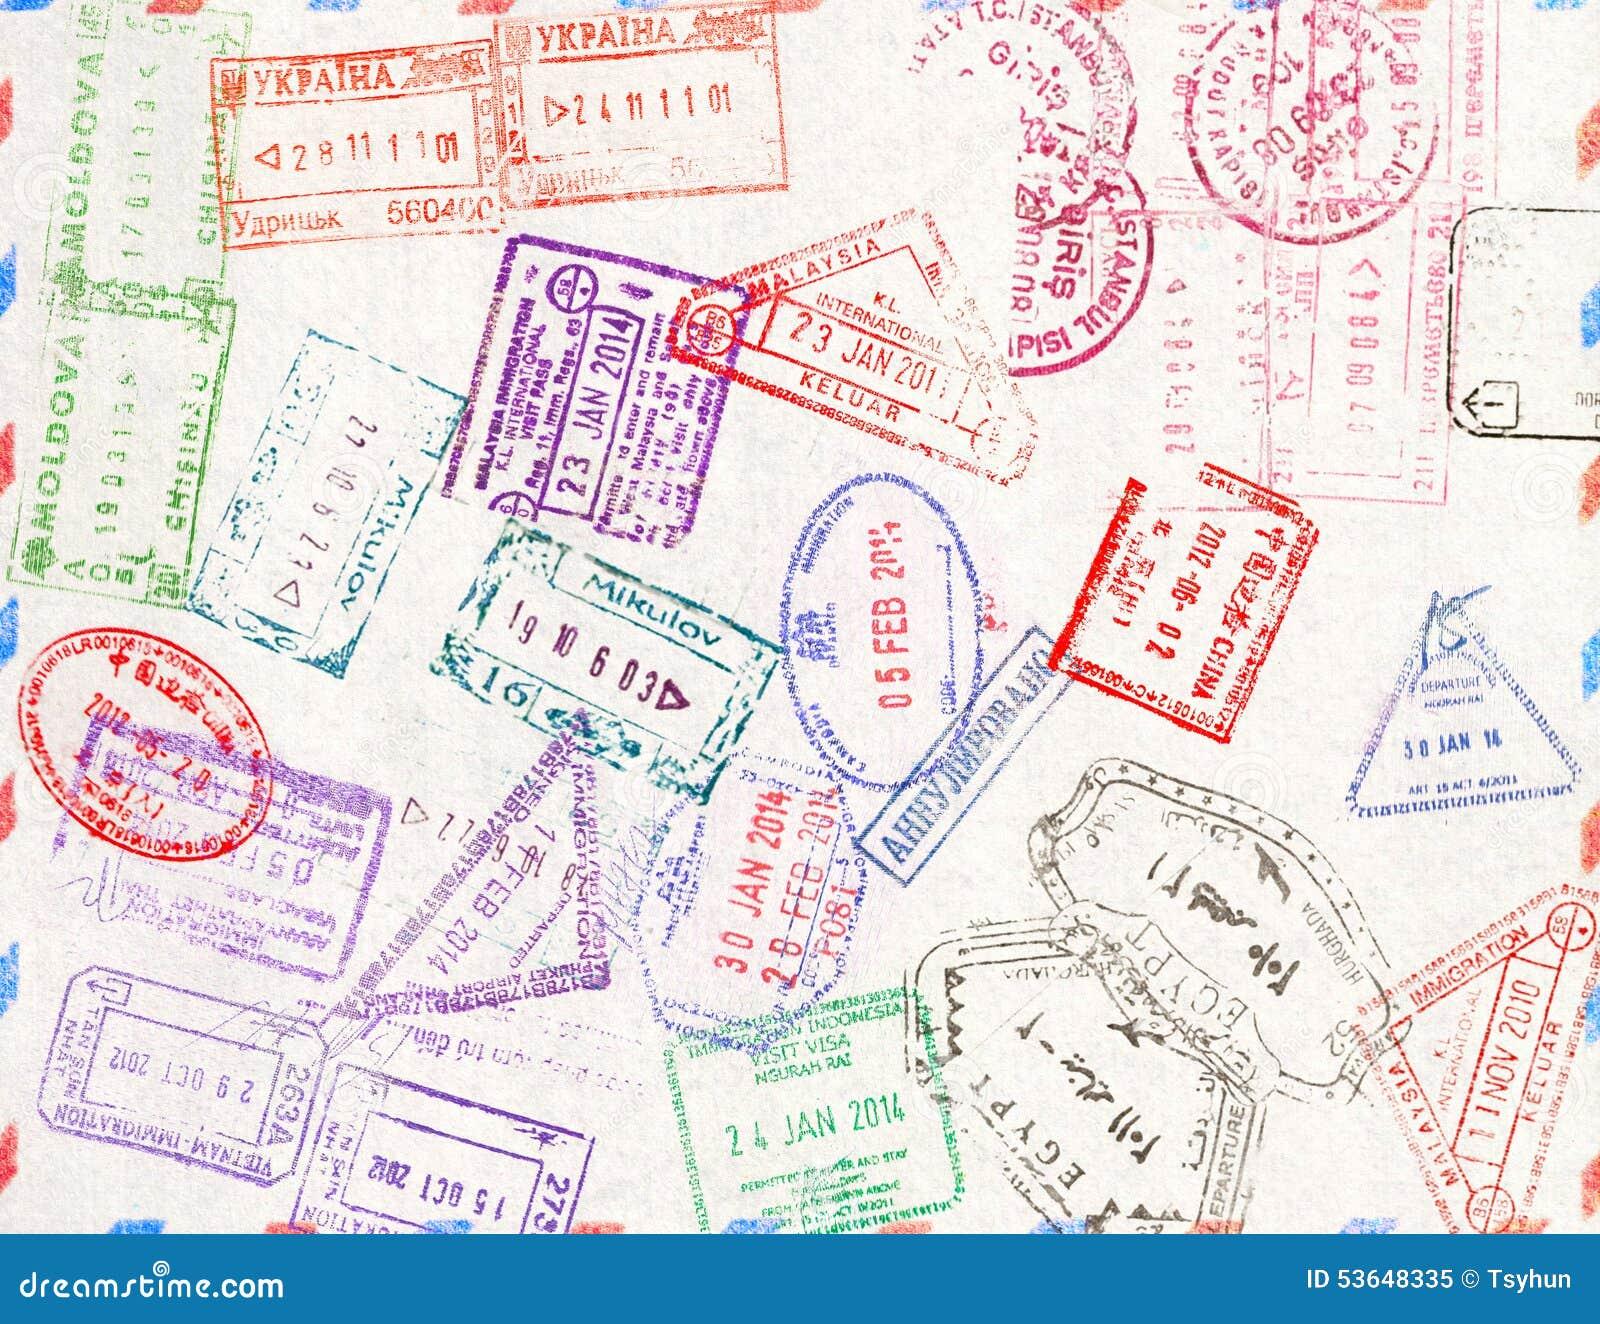 Immigrationsstempel Dieses Bild ist eine vektorabbildung und kann zu jeder möglicher Größe ohne Verlust der Auflösung eingestuft